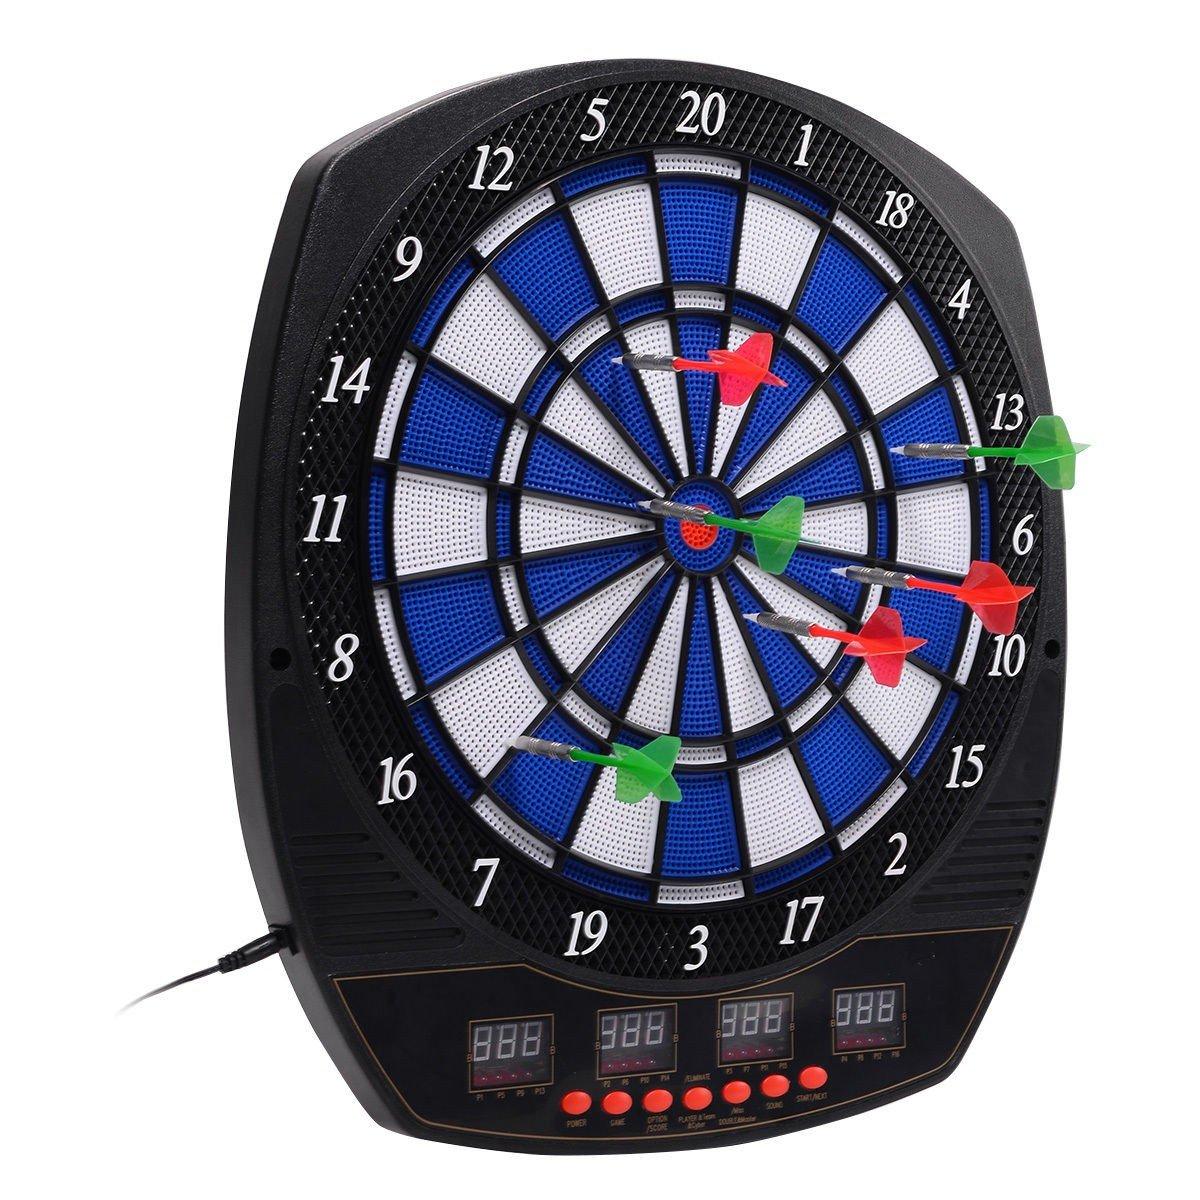 CWY LCD Display Arachnid Electronic Dart Board Set w/6 Darts